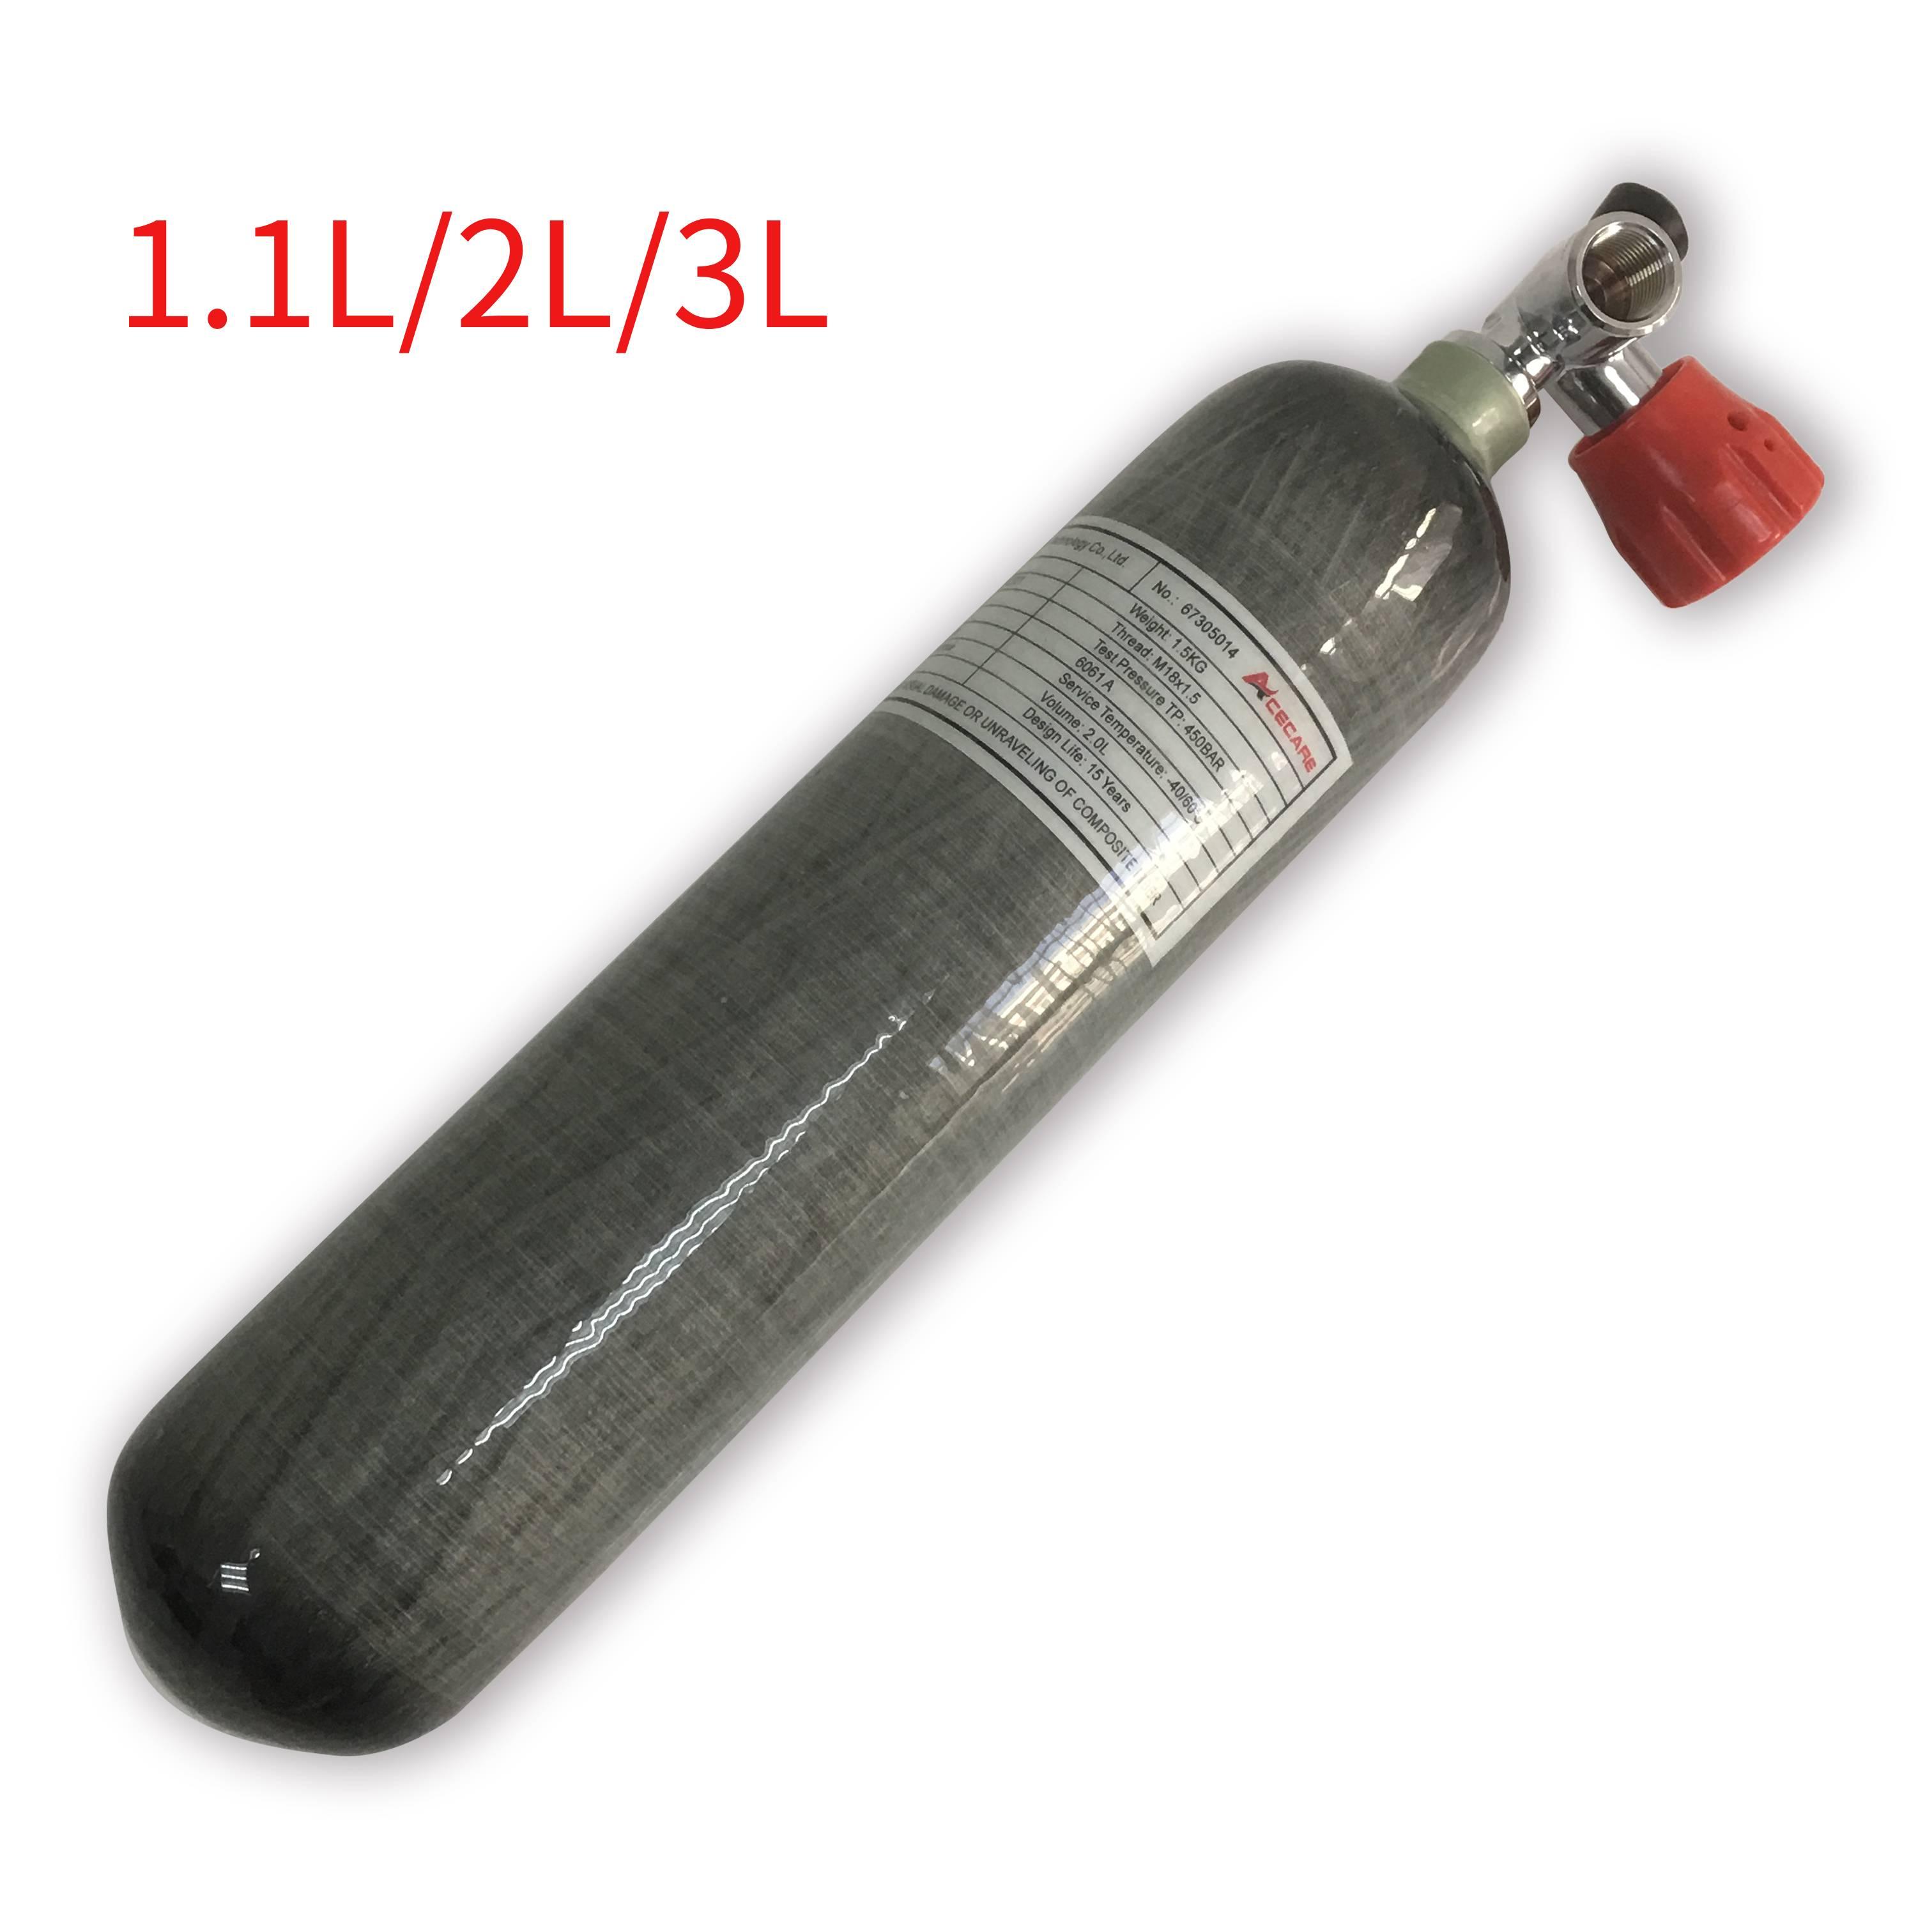 AC10211 Pcp Air fusil réservoir de plongée 1.1L/2L3L 4500 Psi haute pression cylindre Airforce Condor CE en Fiber de carbone réservoir d'air Station-service